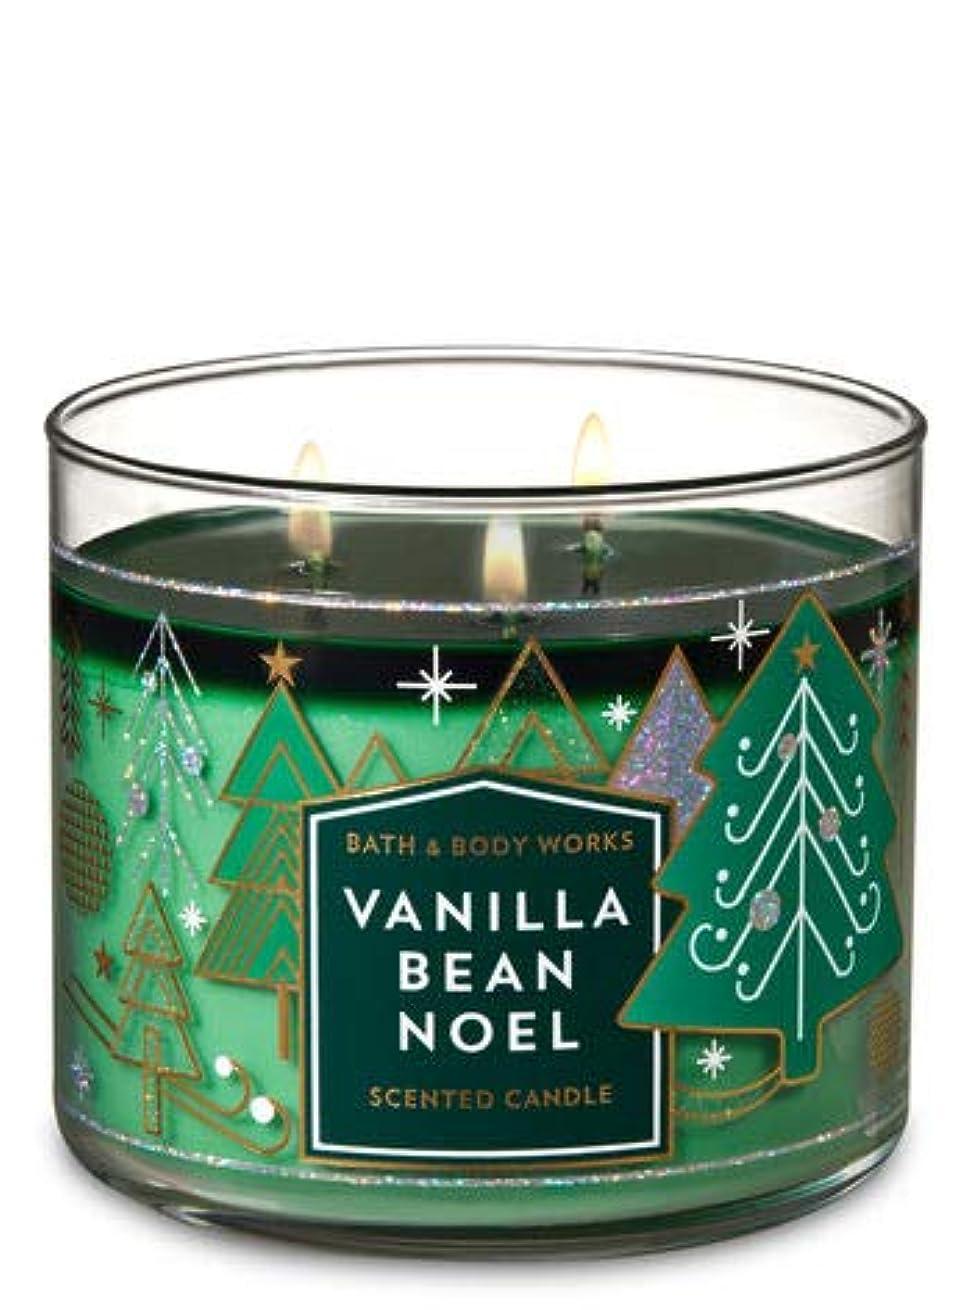 説明モノグラフ開業医【Bath&Body Works/バス&ボディワークス】 アロマキャンドル バニラビーンノエル 3-Wick Scented Candle Vanilla Bean Noel 14.5oz/411g [並行輸入品]